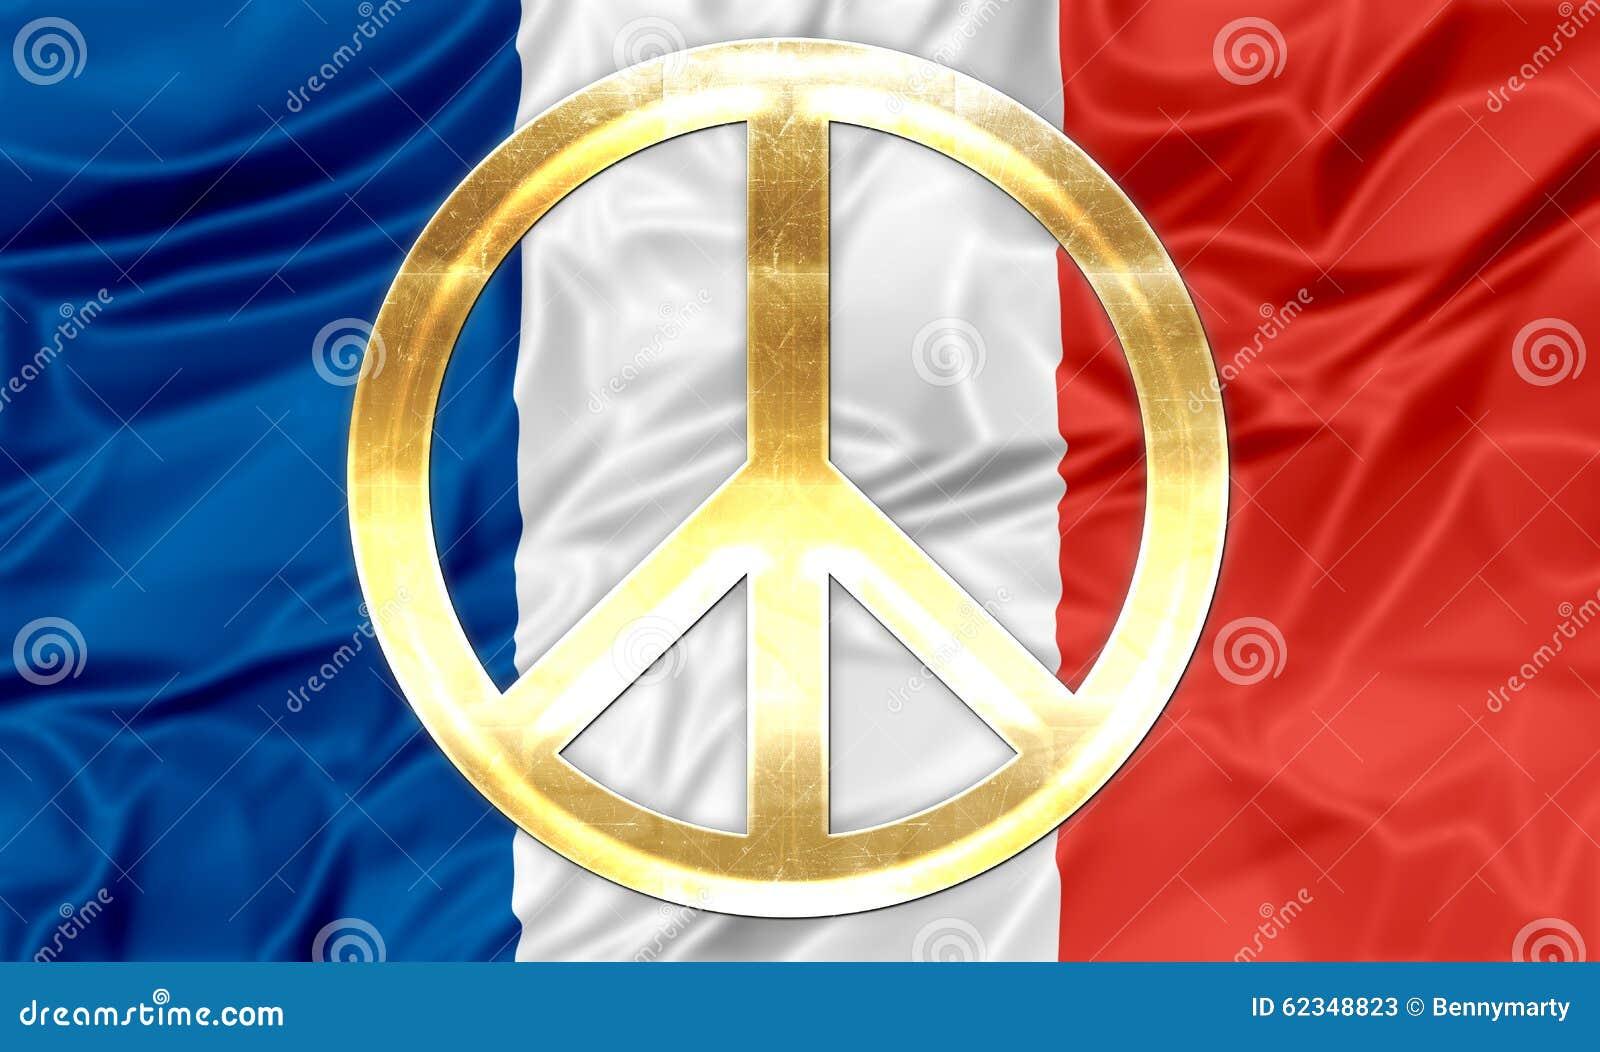 franz sische flagge mit friedenssymbol stock abbildung bild 62348823. Black Bedroom Furniture Sets. Home Design Ideas